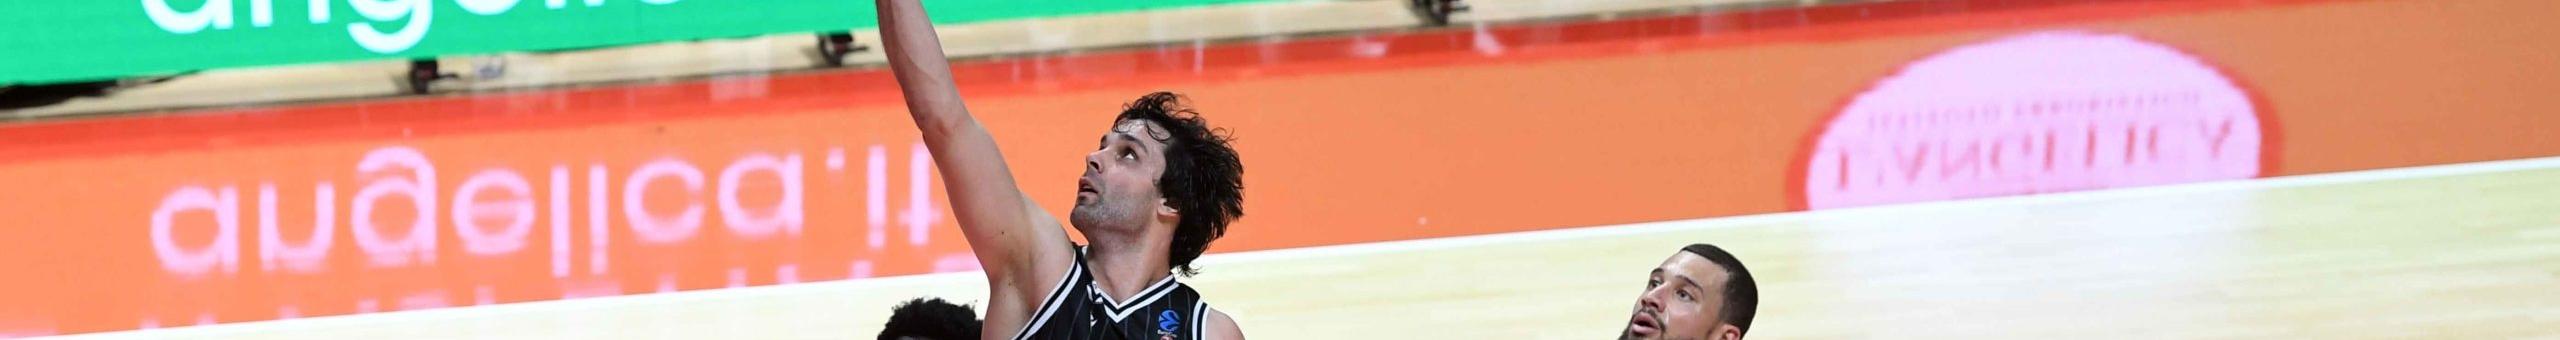 Trento-Virtus Bologna, Teodosic e compagni si giocano il primo posto in casa dell'Aquila